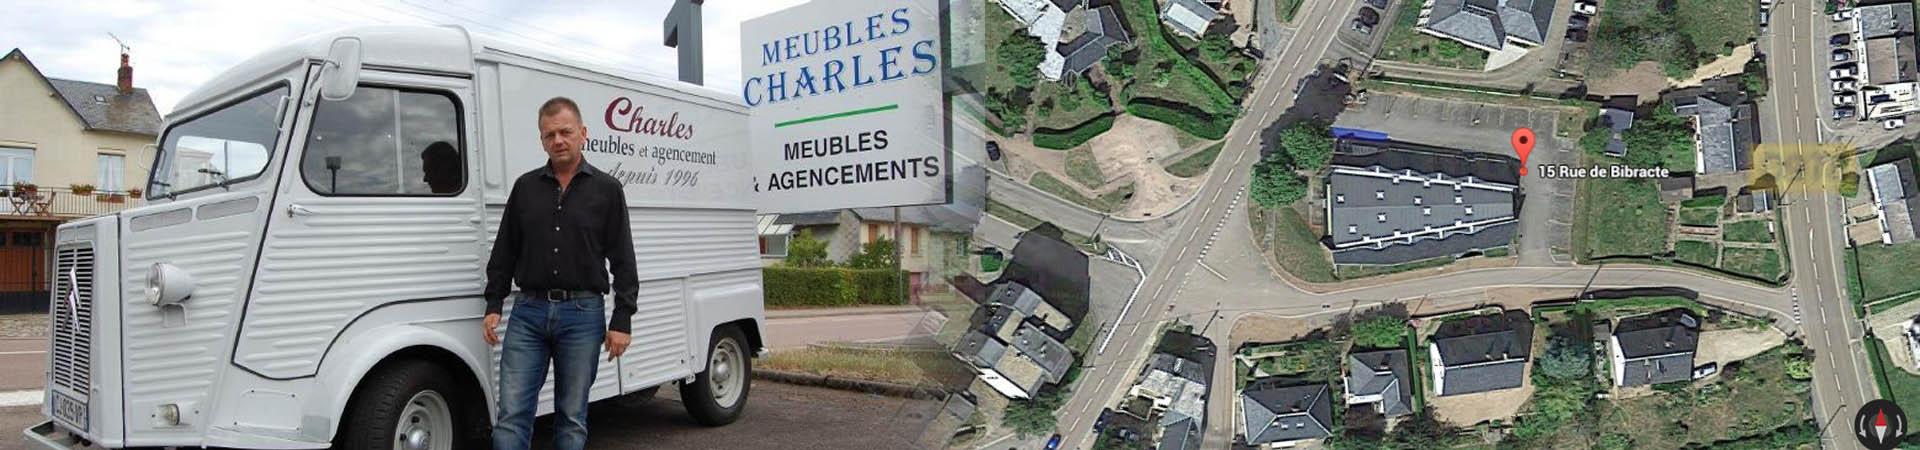 slide1-meubles-charles